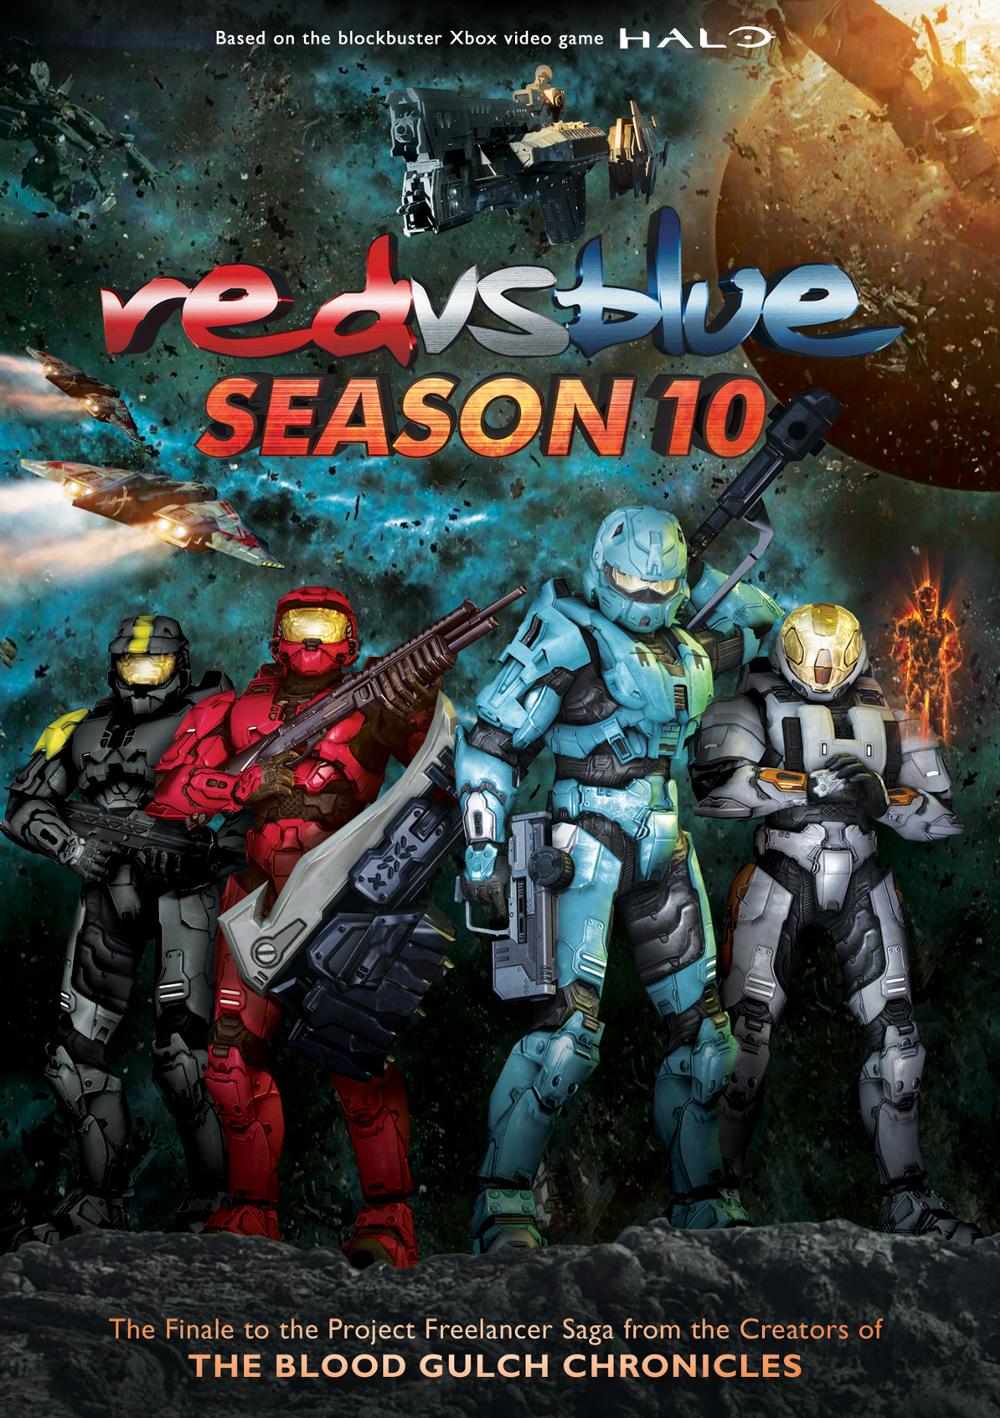 Red vs. Blue: Season 10